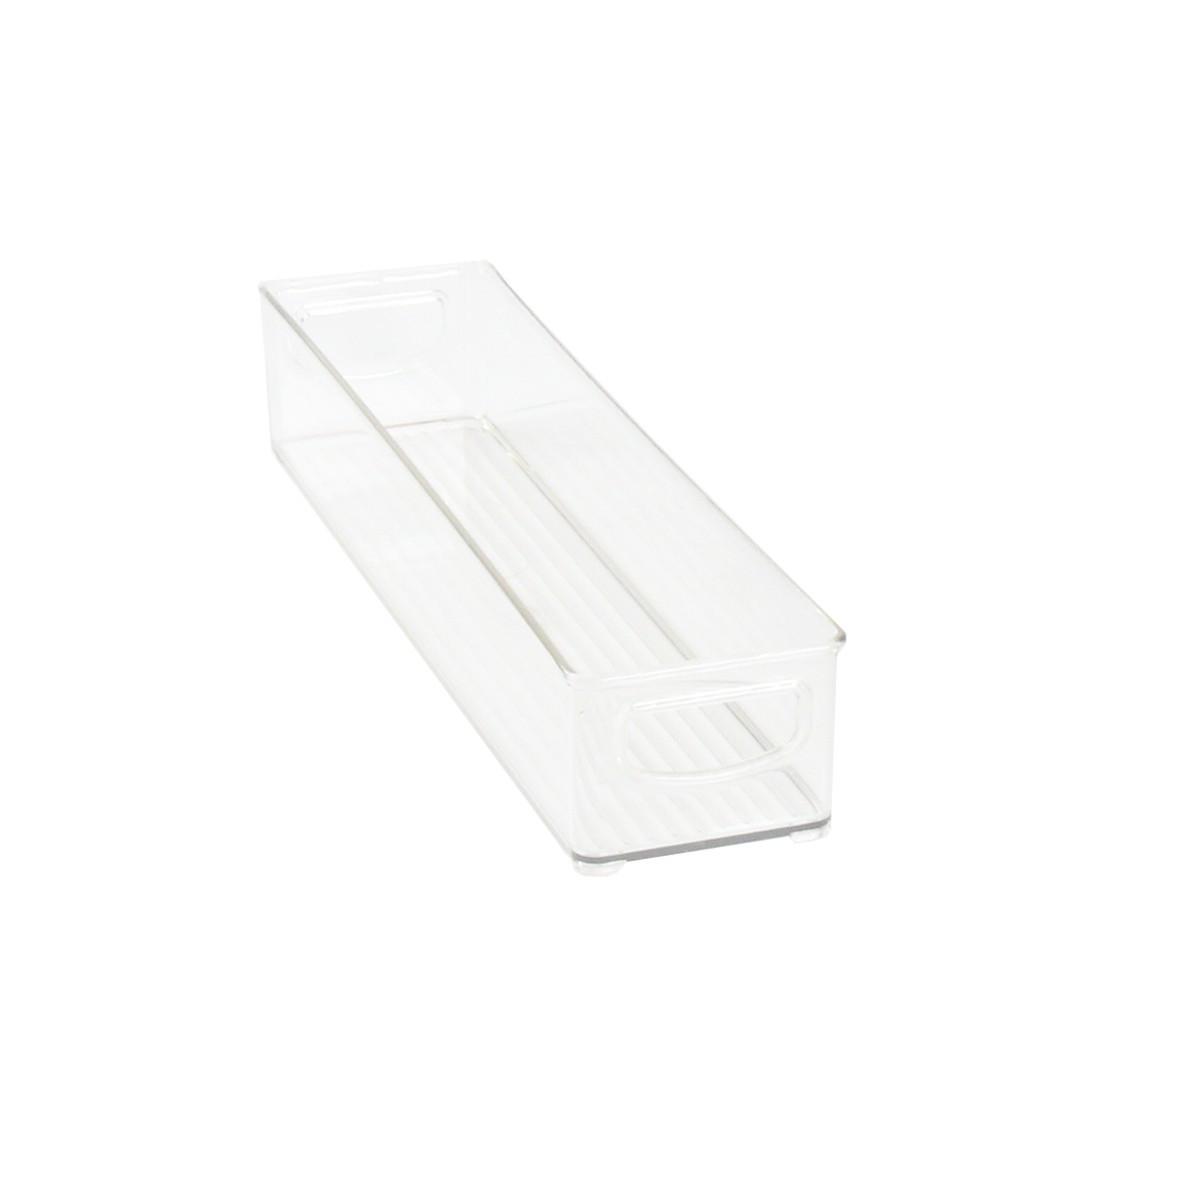 pas cher pour réduction 0334b fa9c2 Long bac en plastique S transparent et empilable pour organiser placards et  tiroirs